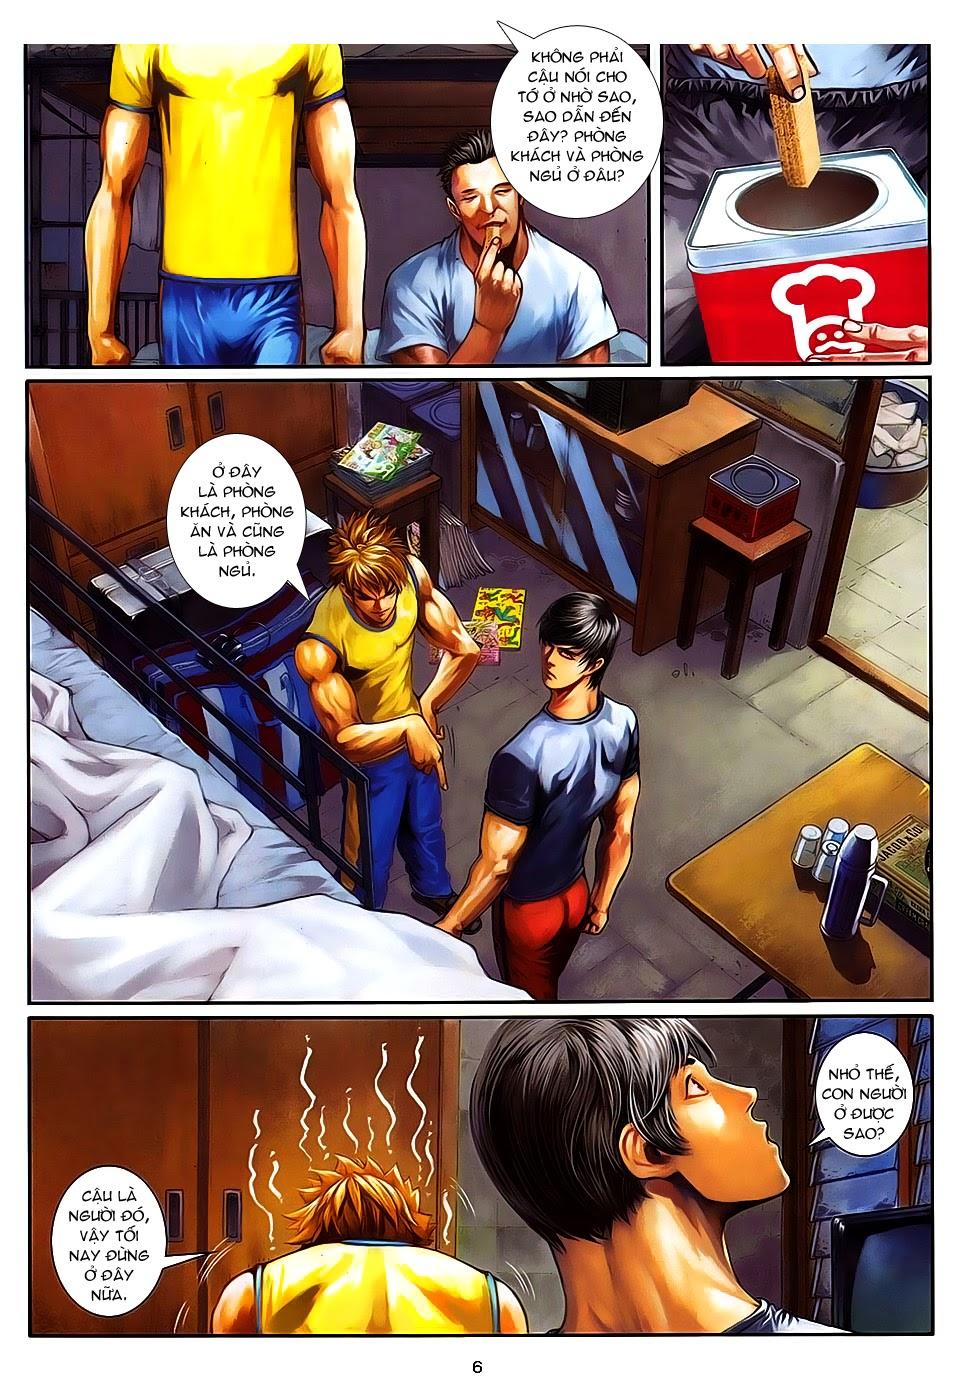 Quyền Đạo chapter 8 trang 6